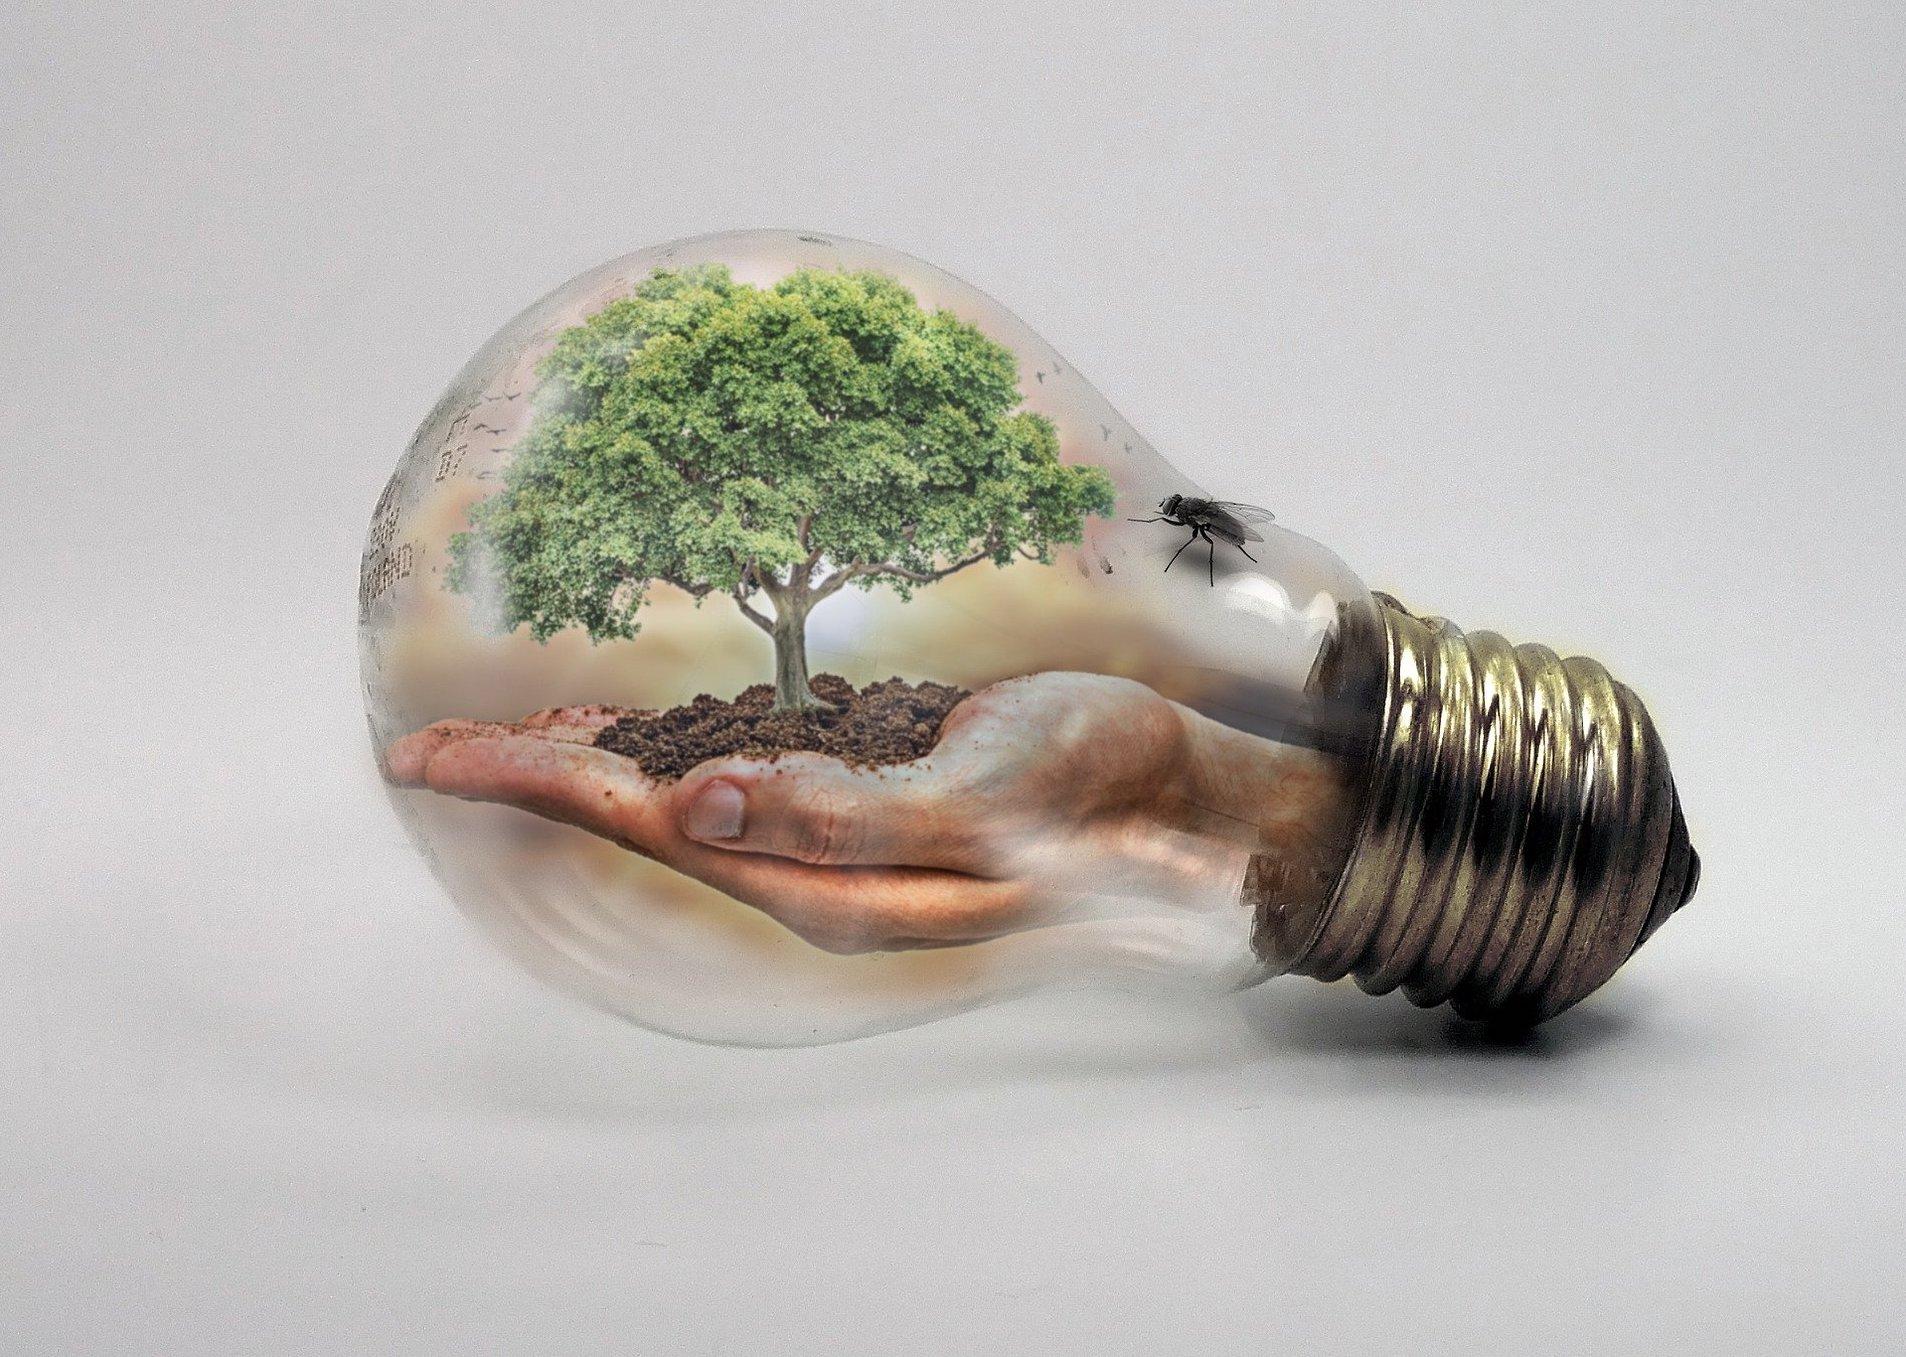 Abstrakt. In einer altmodischen Glühbirne trägt eine geöffnete Hand einen Baum samt Erde.